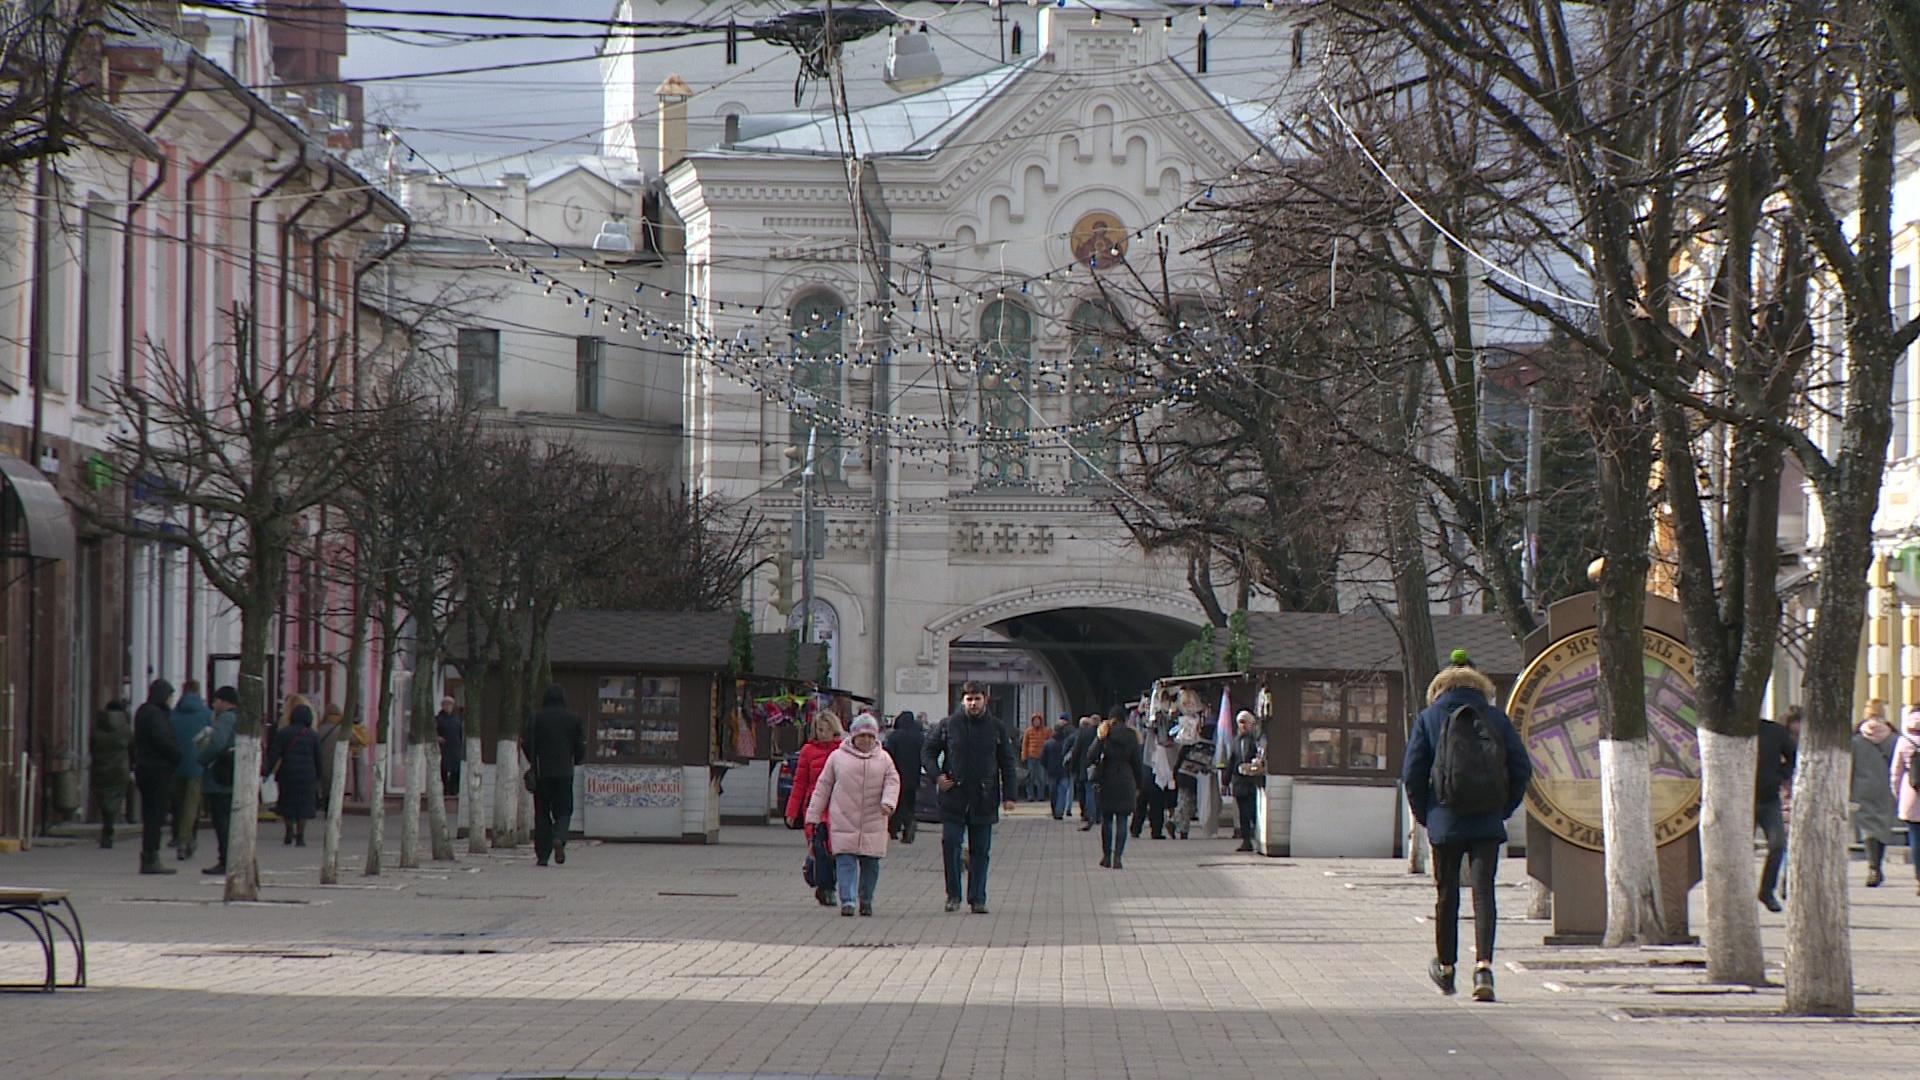 Из-за угрозы коронавируса в Ярославской области закроются клубы, кинотеатры и другие досуговые учреждения